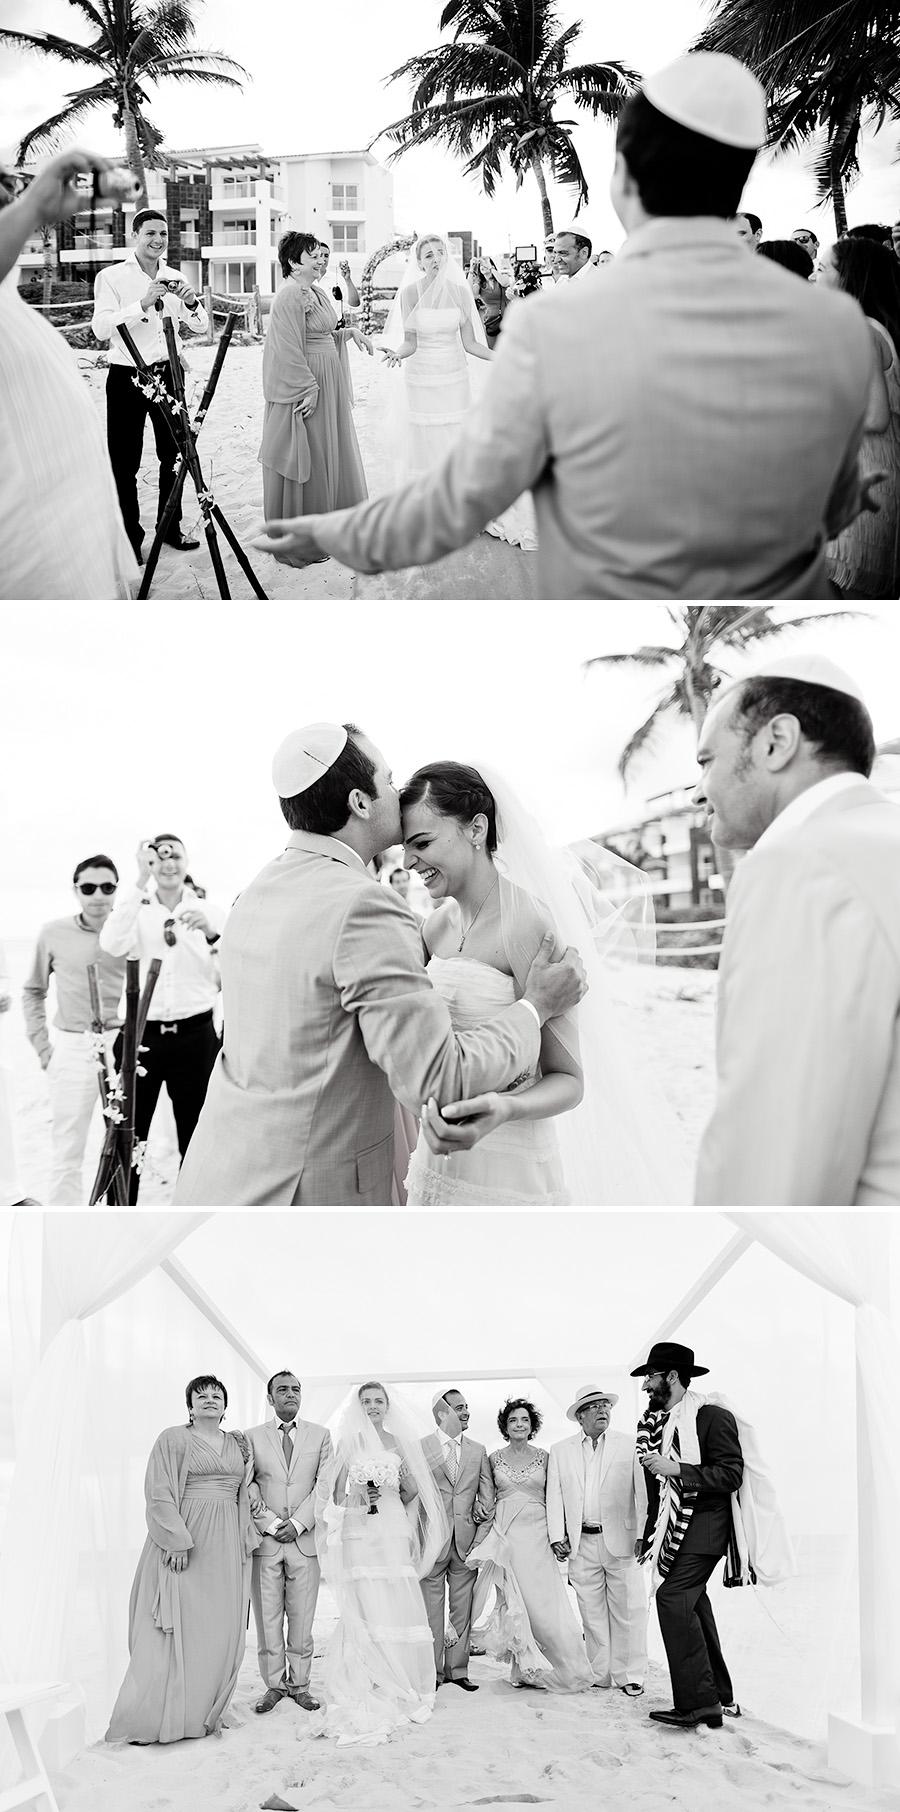 mariage juif sur la plage